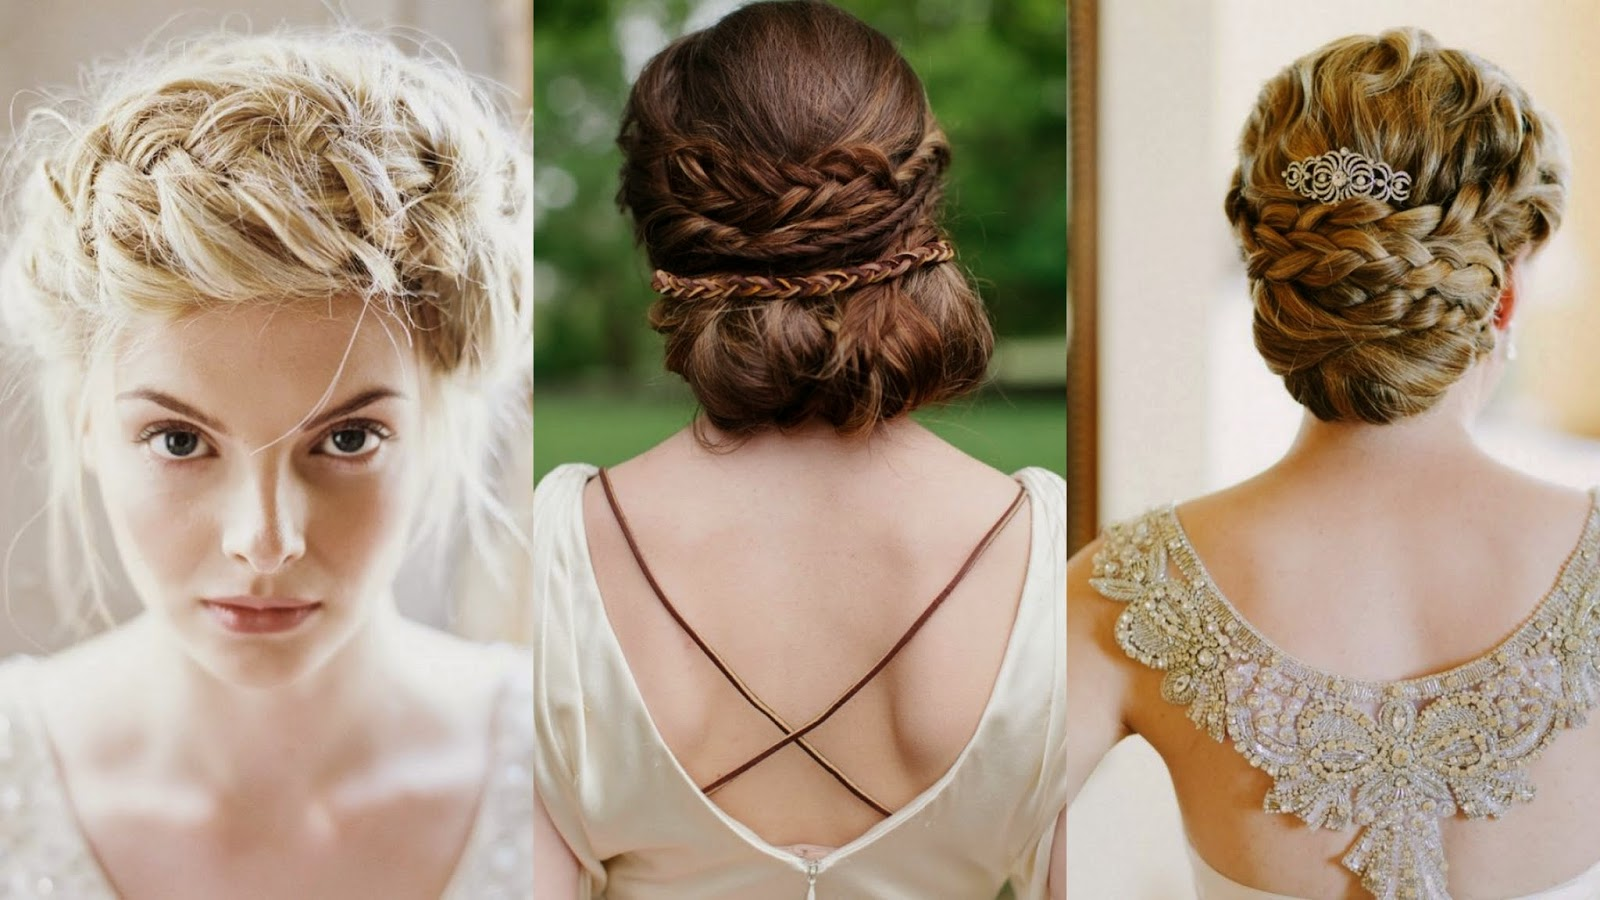 Los 60 mejores peinados de novia 2018 encuentra el perfecto para ti - Peinados Desenfadados Novia